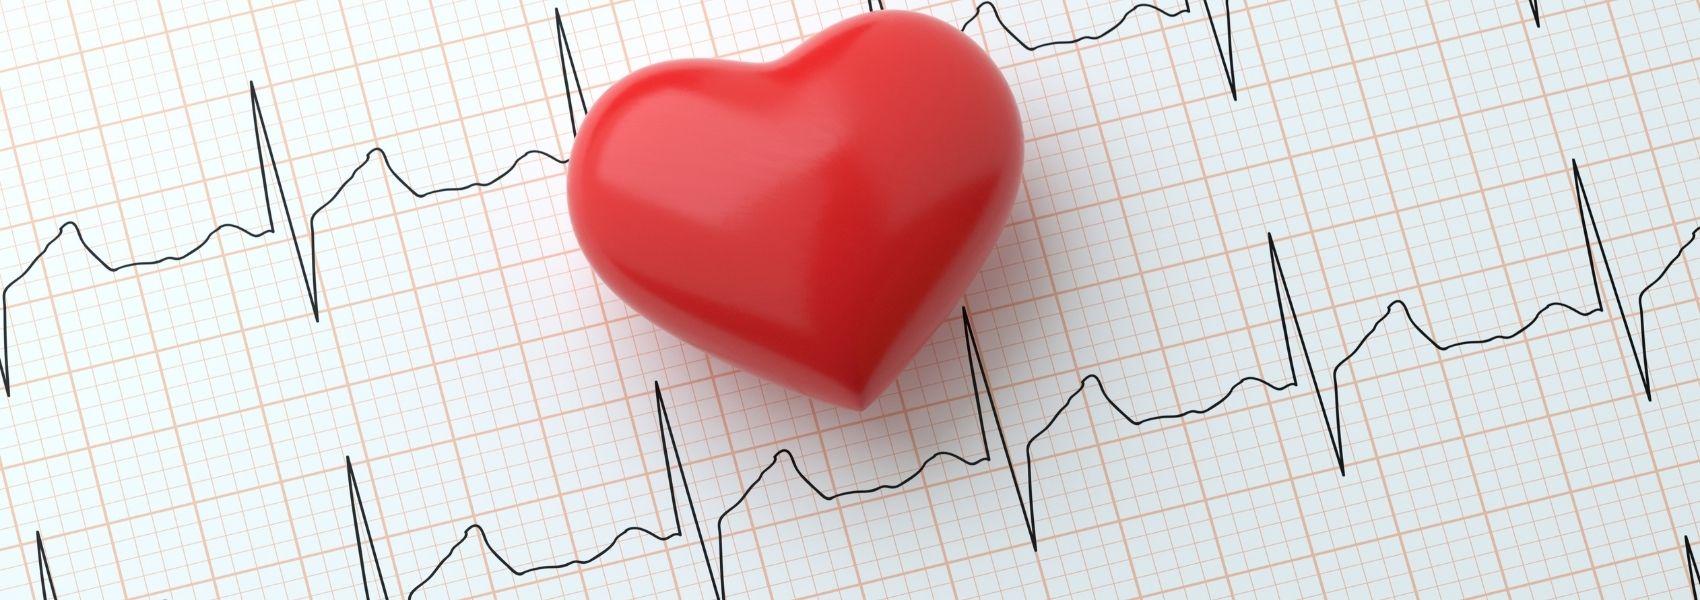 Muitos adultos têm depósitos de gordura nas artérias do coração sem saber